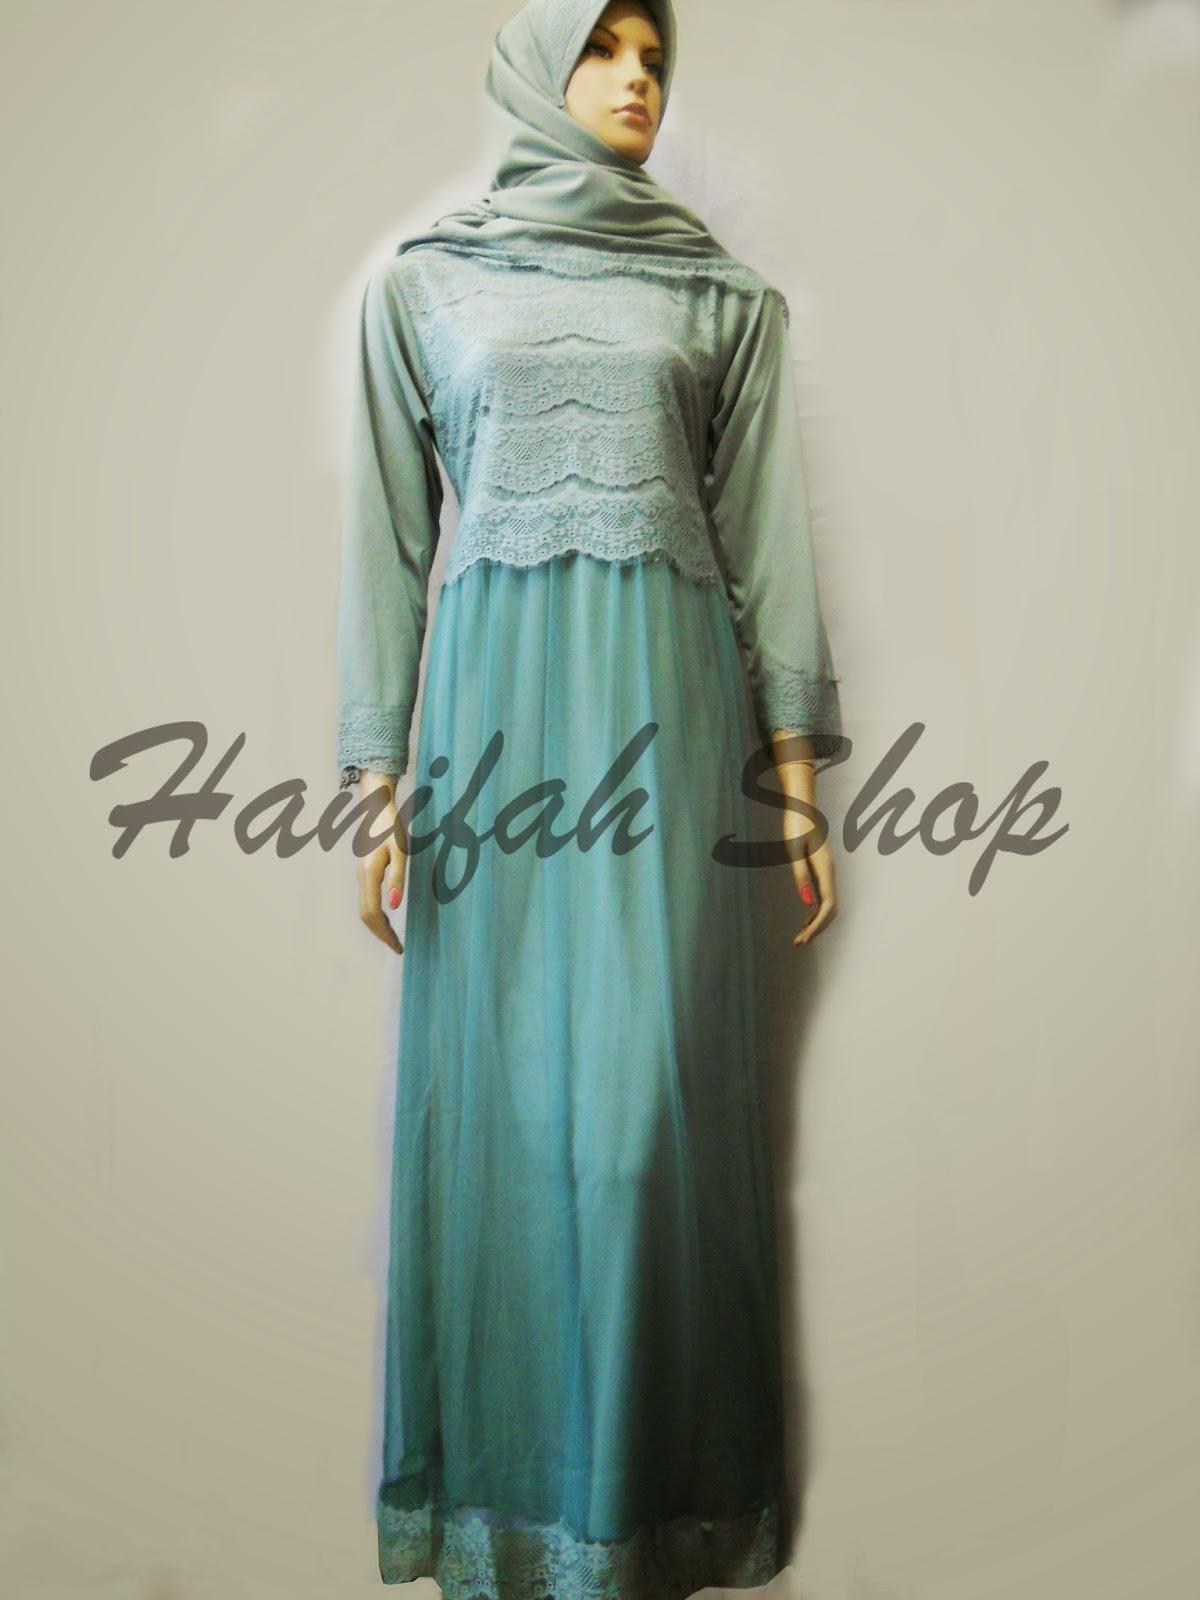 Grosir Baju MuslimMukena AnakJilbab Baju Renang Dengan Harga